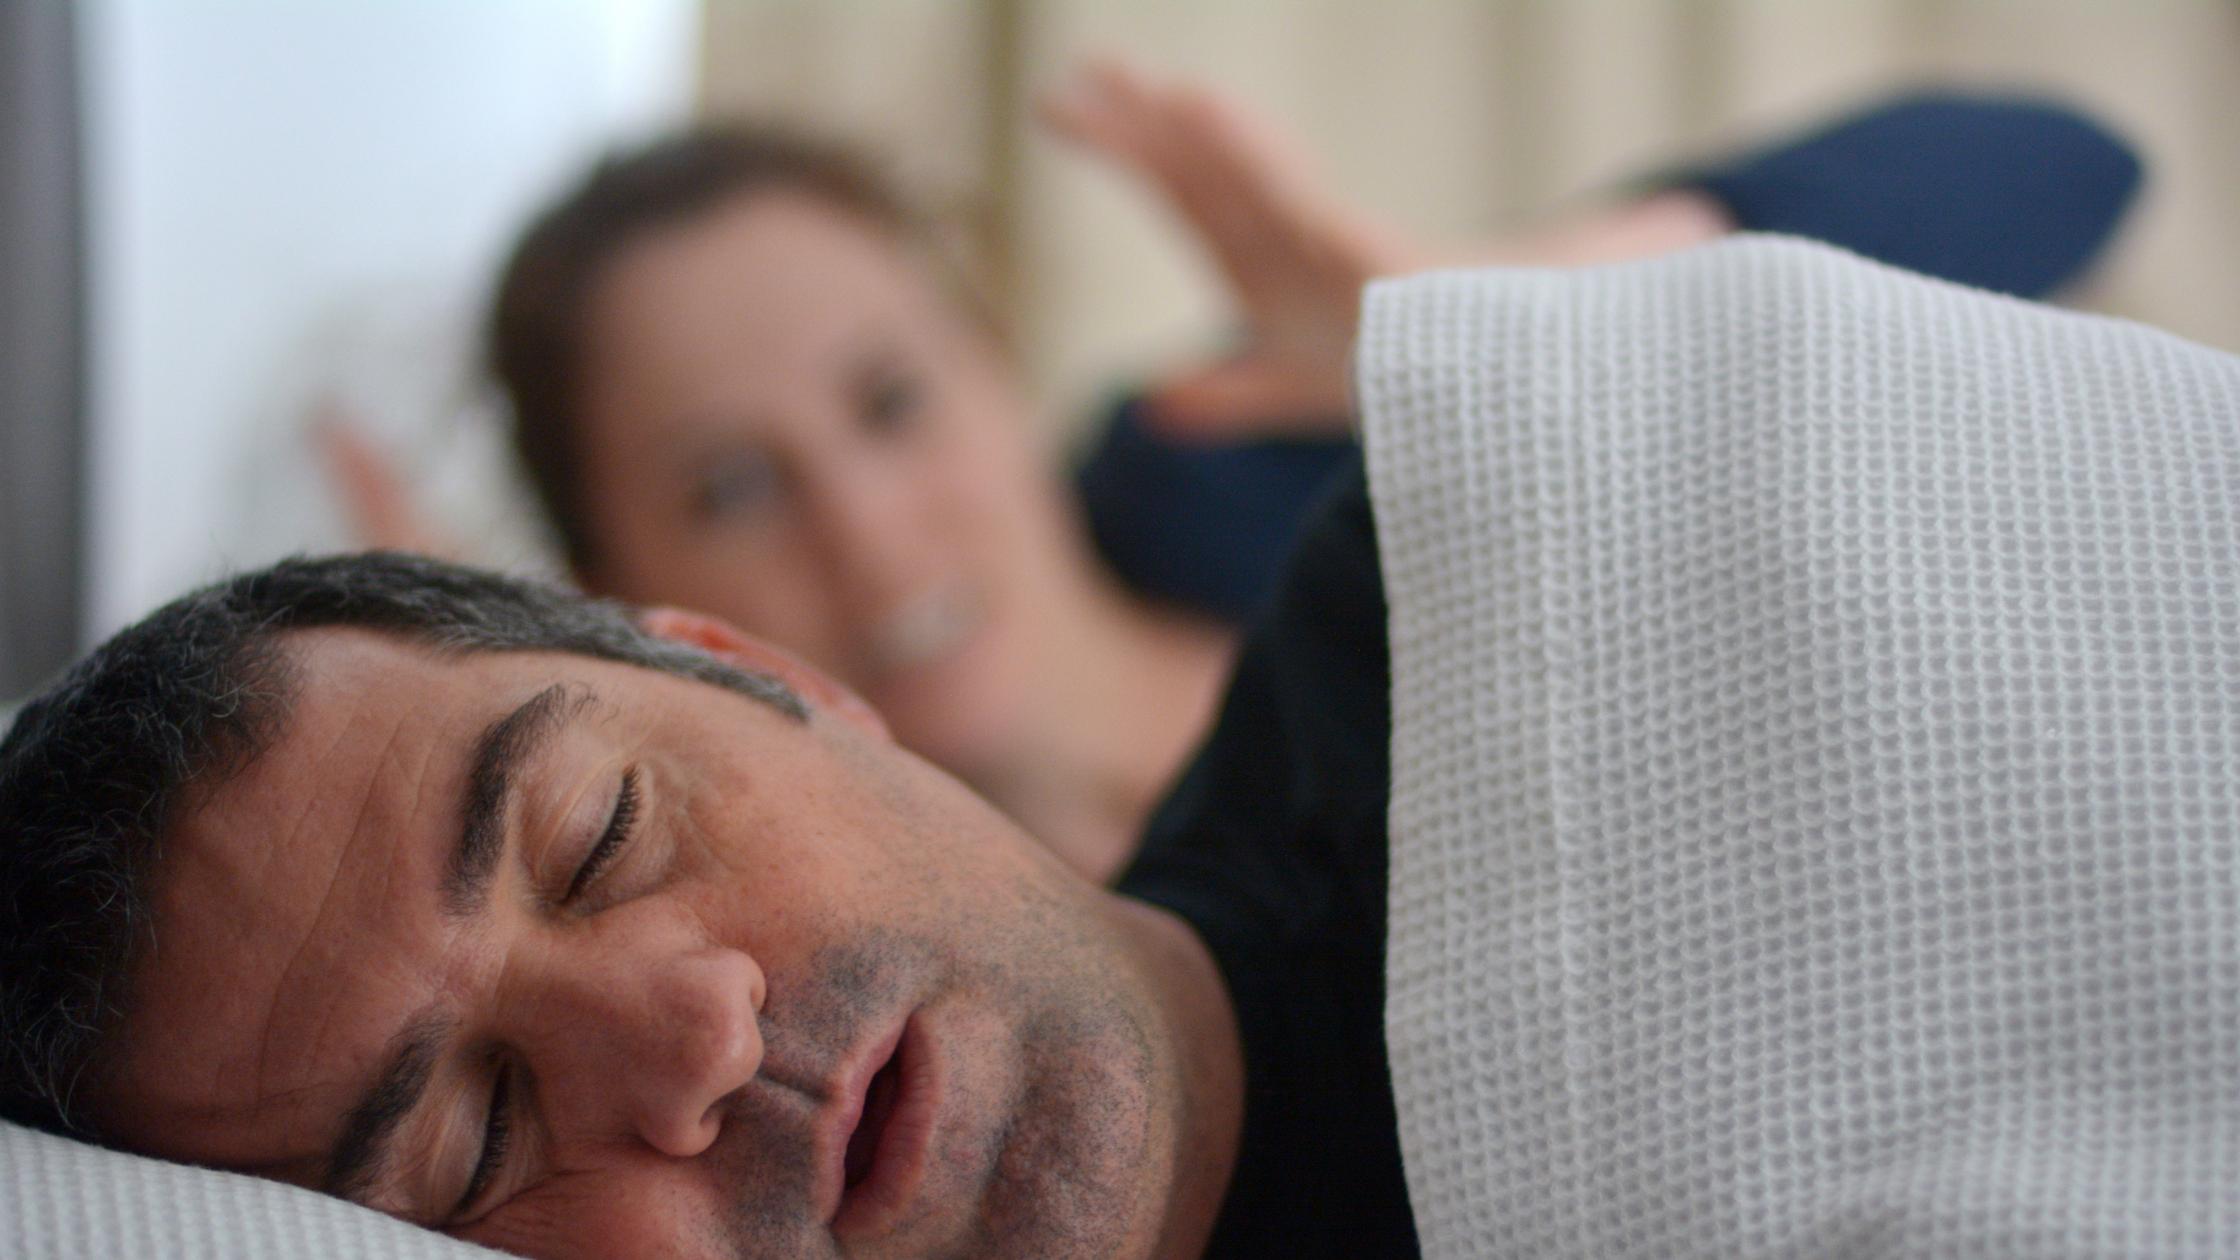 man snoring keeping partner awake